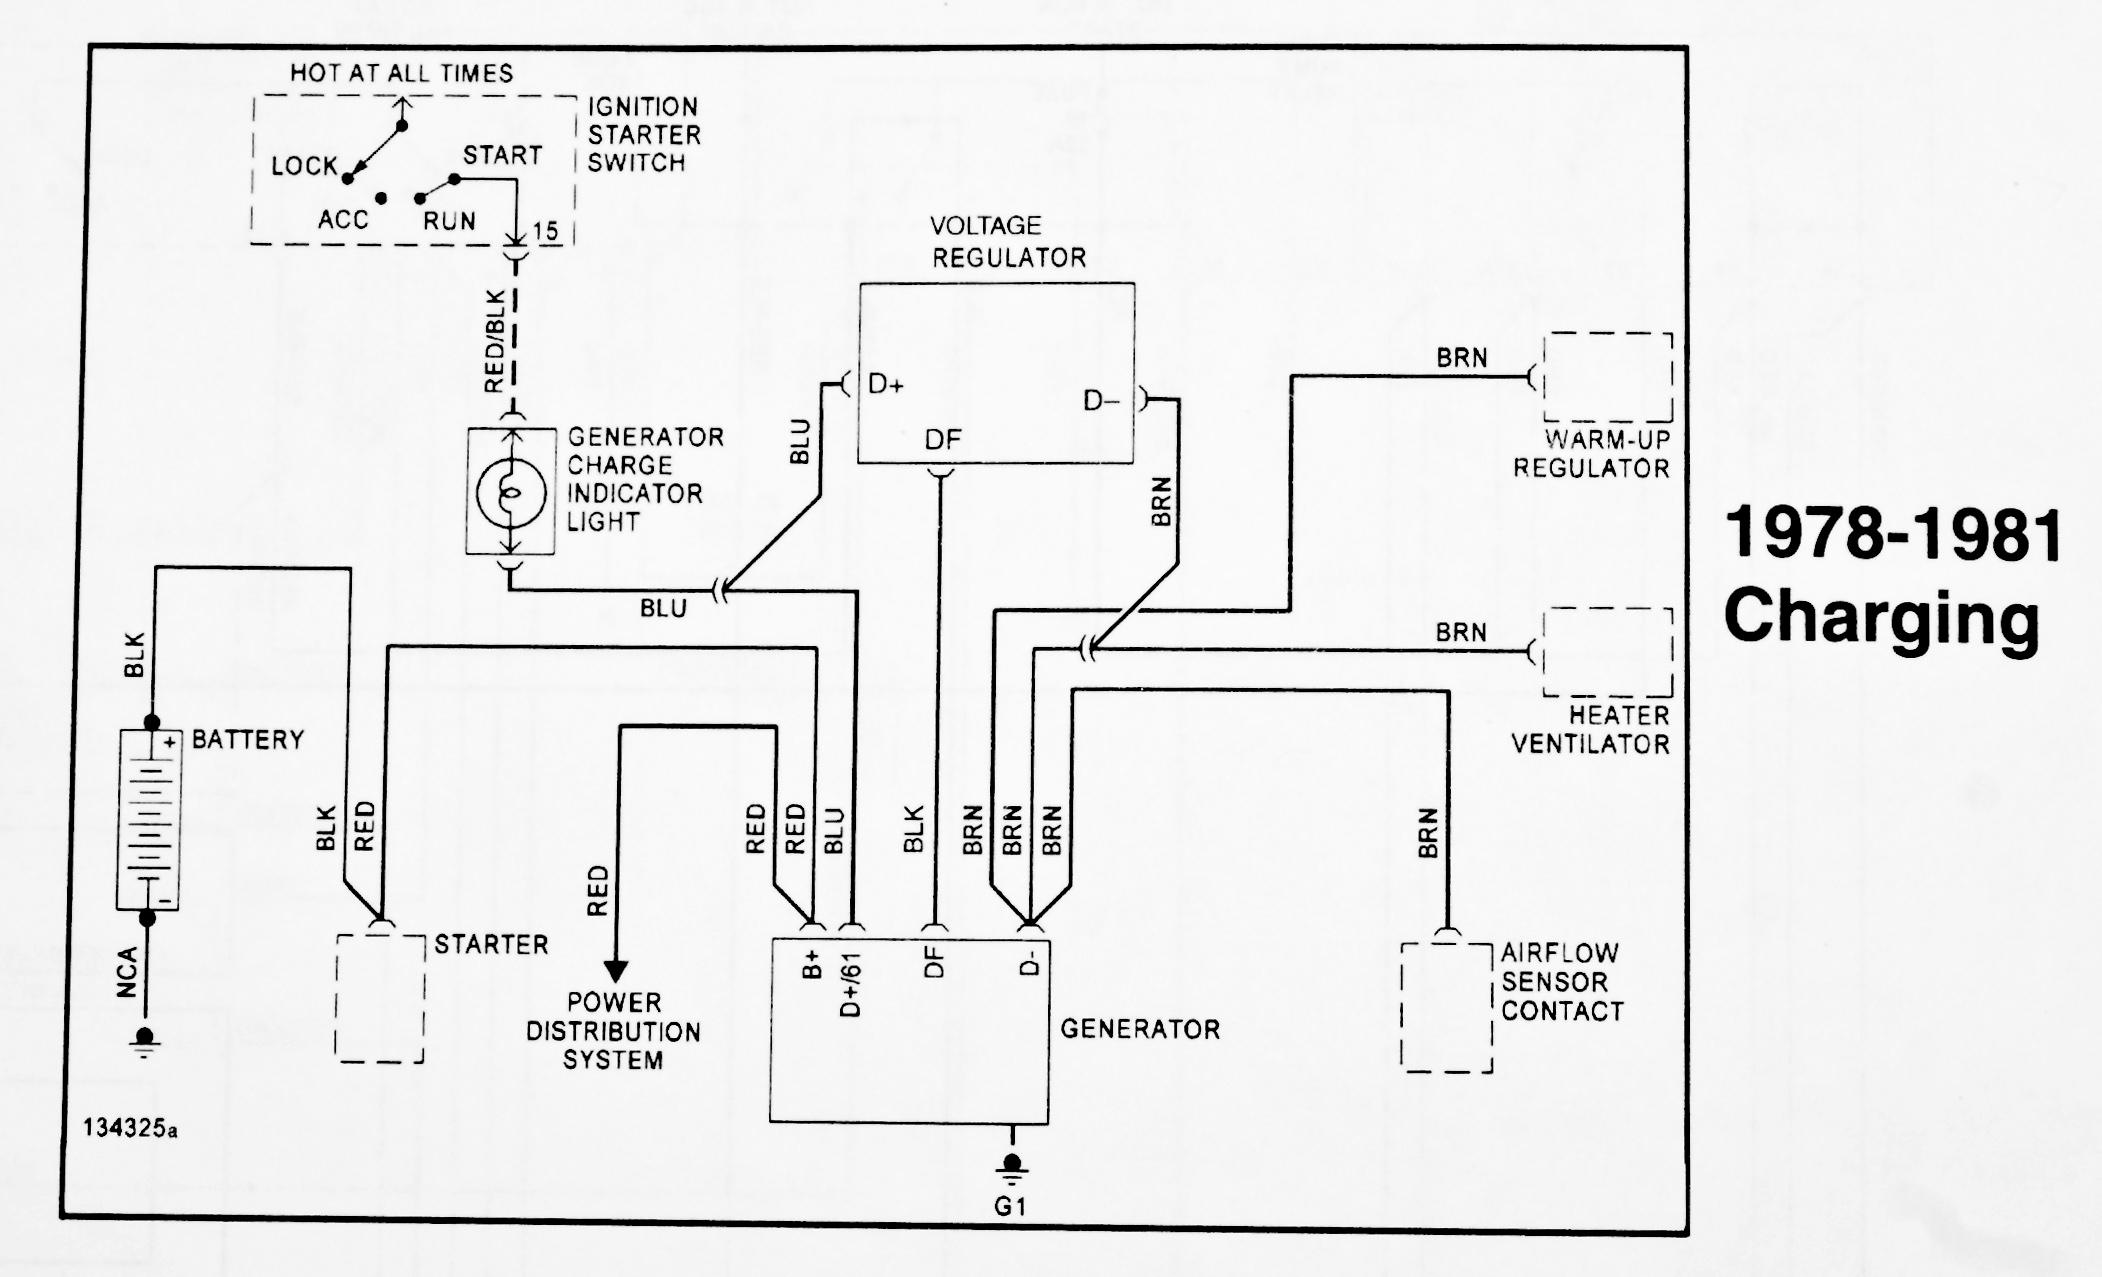 medium resolution of 1981 porsche 911 wiring diagram electrical schematic wiring diagram 1974 porsche wiring diagram